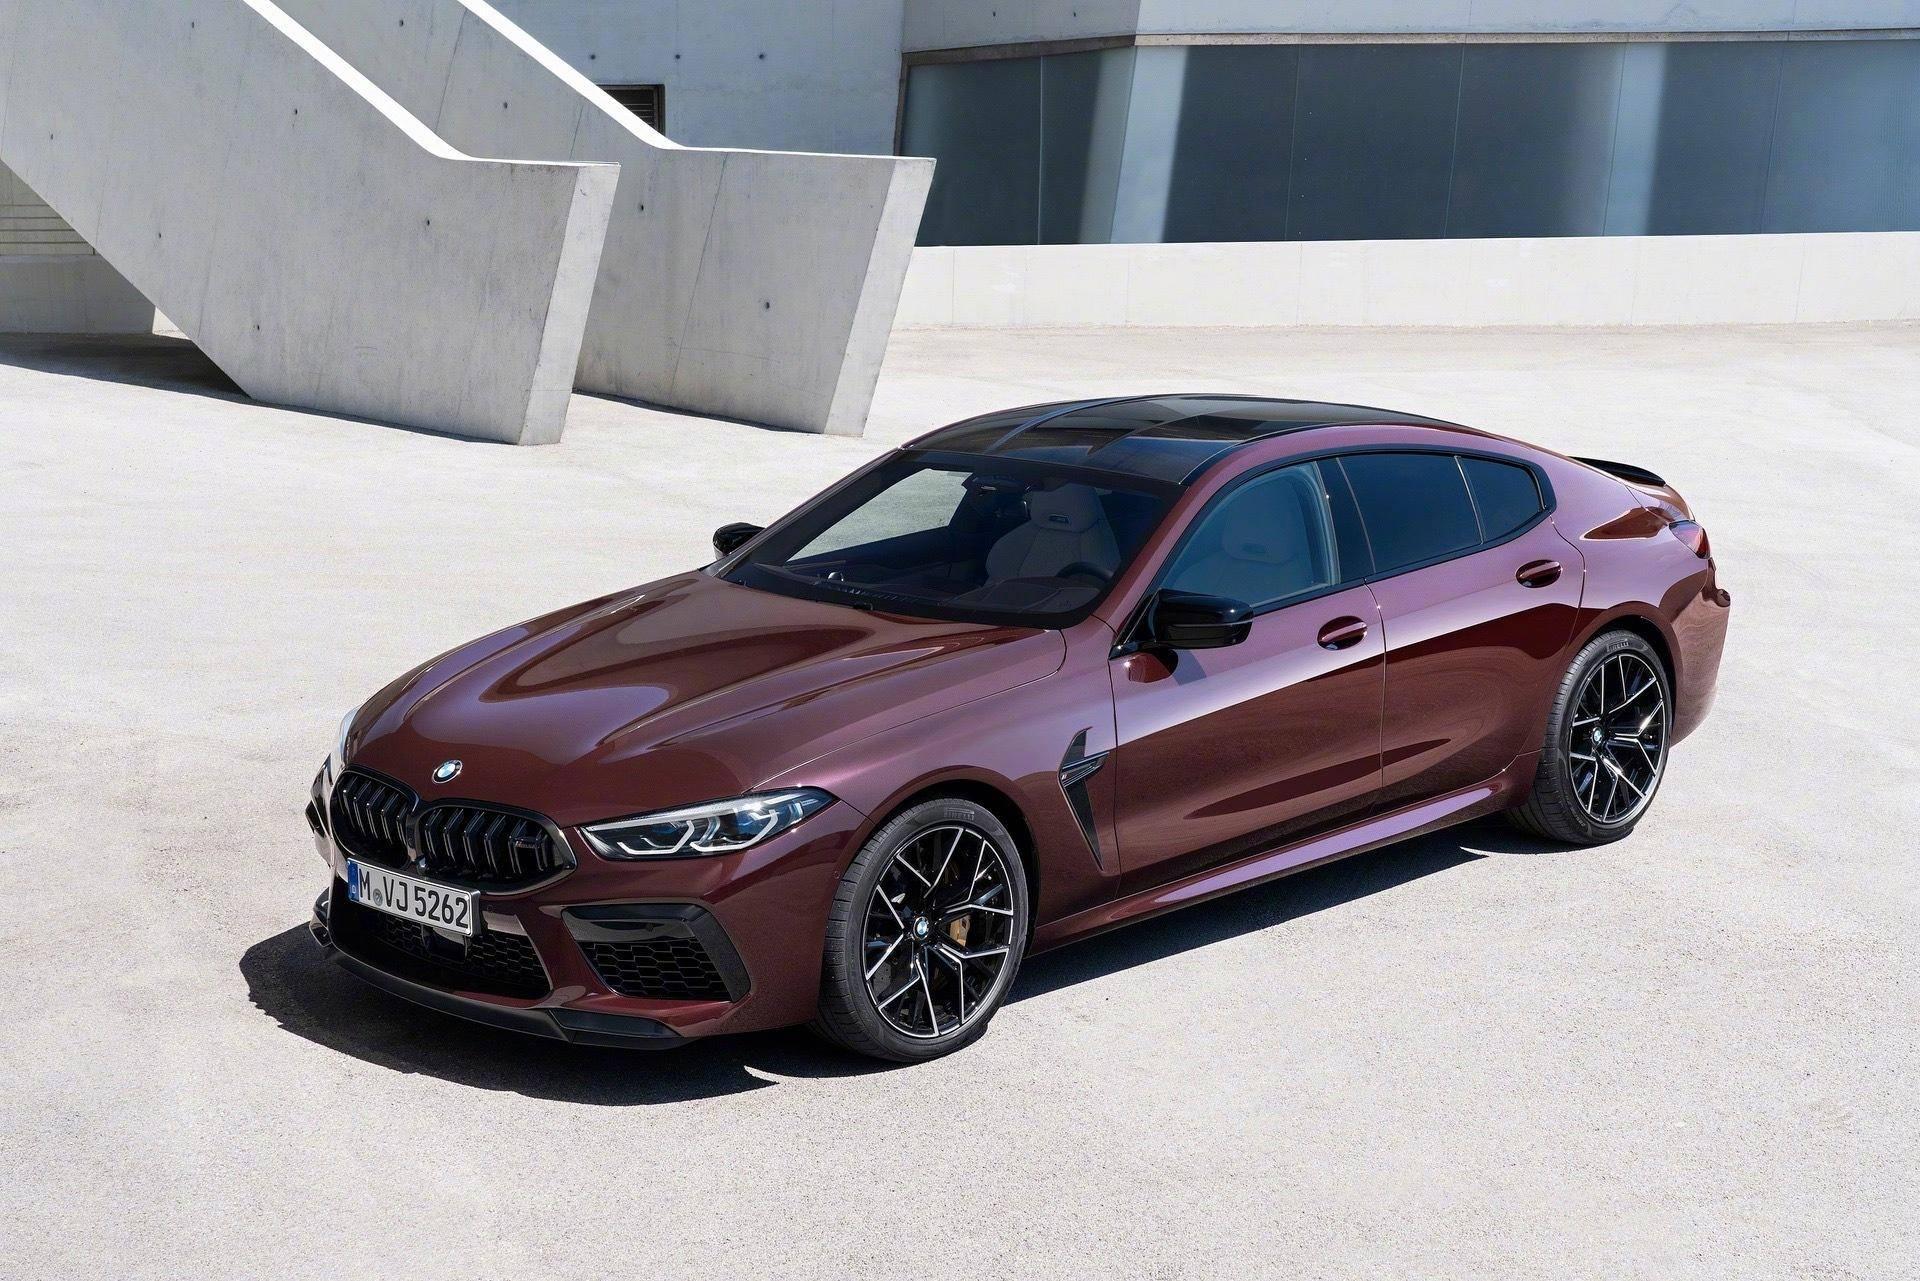 """原厂宝马迎来了最新款""""coupe"""",M8四轮驱动迅雷版亮相成都车展,长度超过5米"""